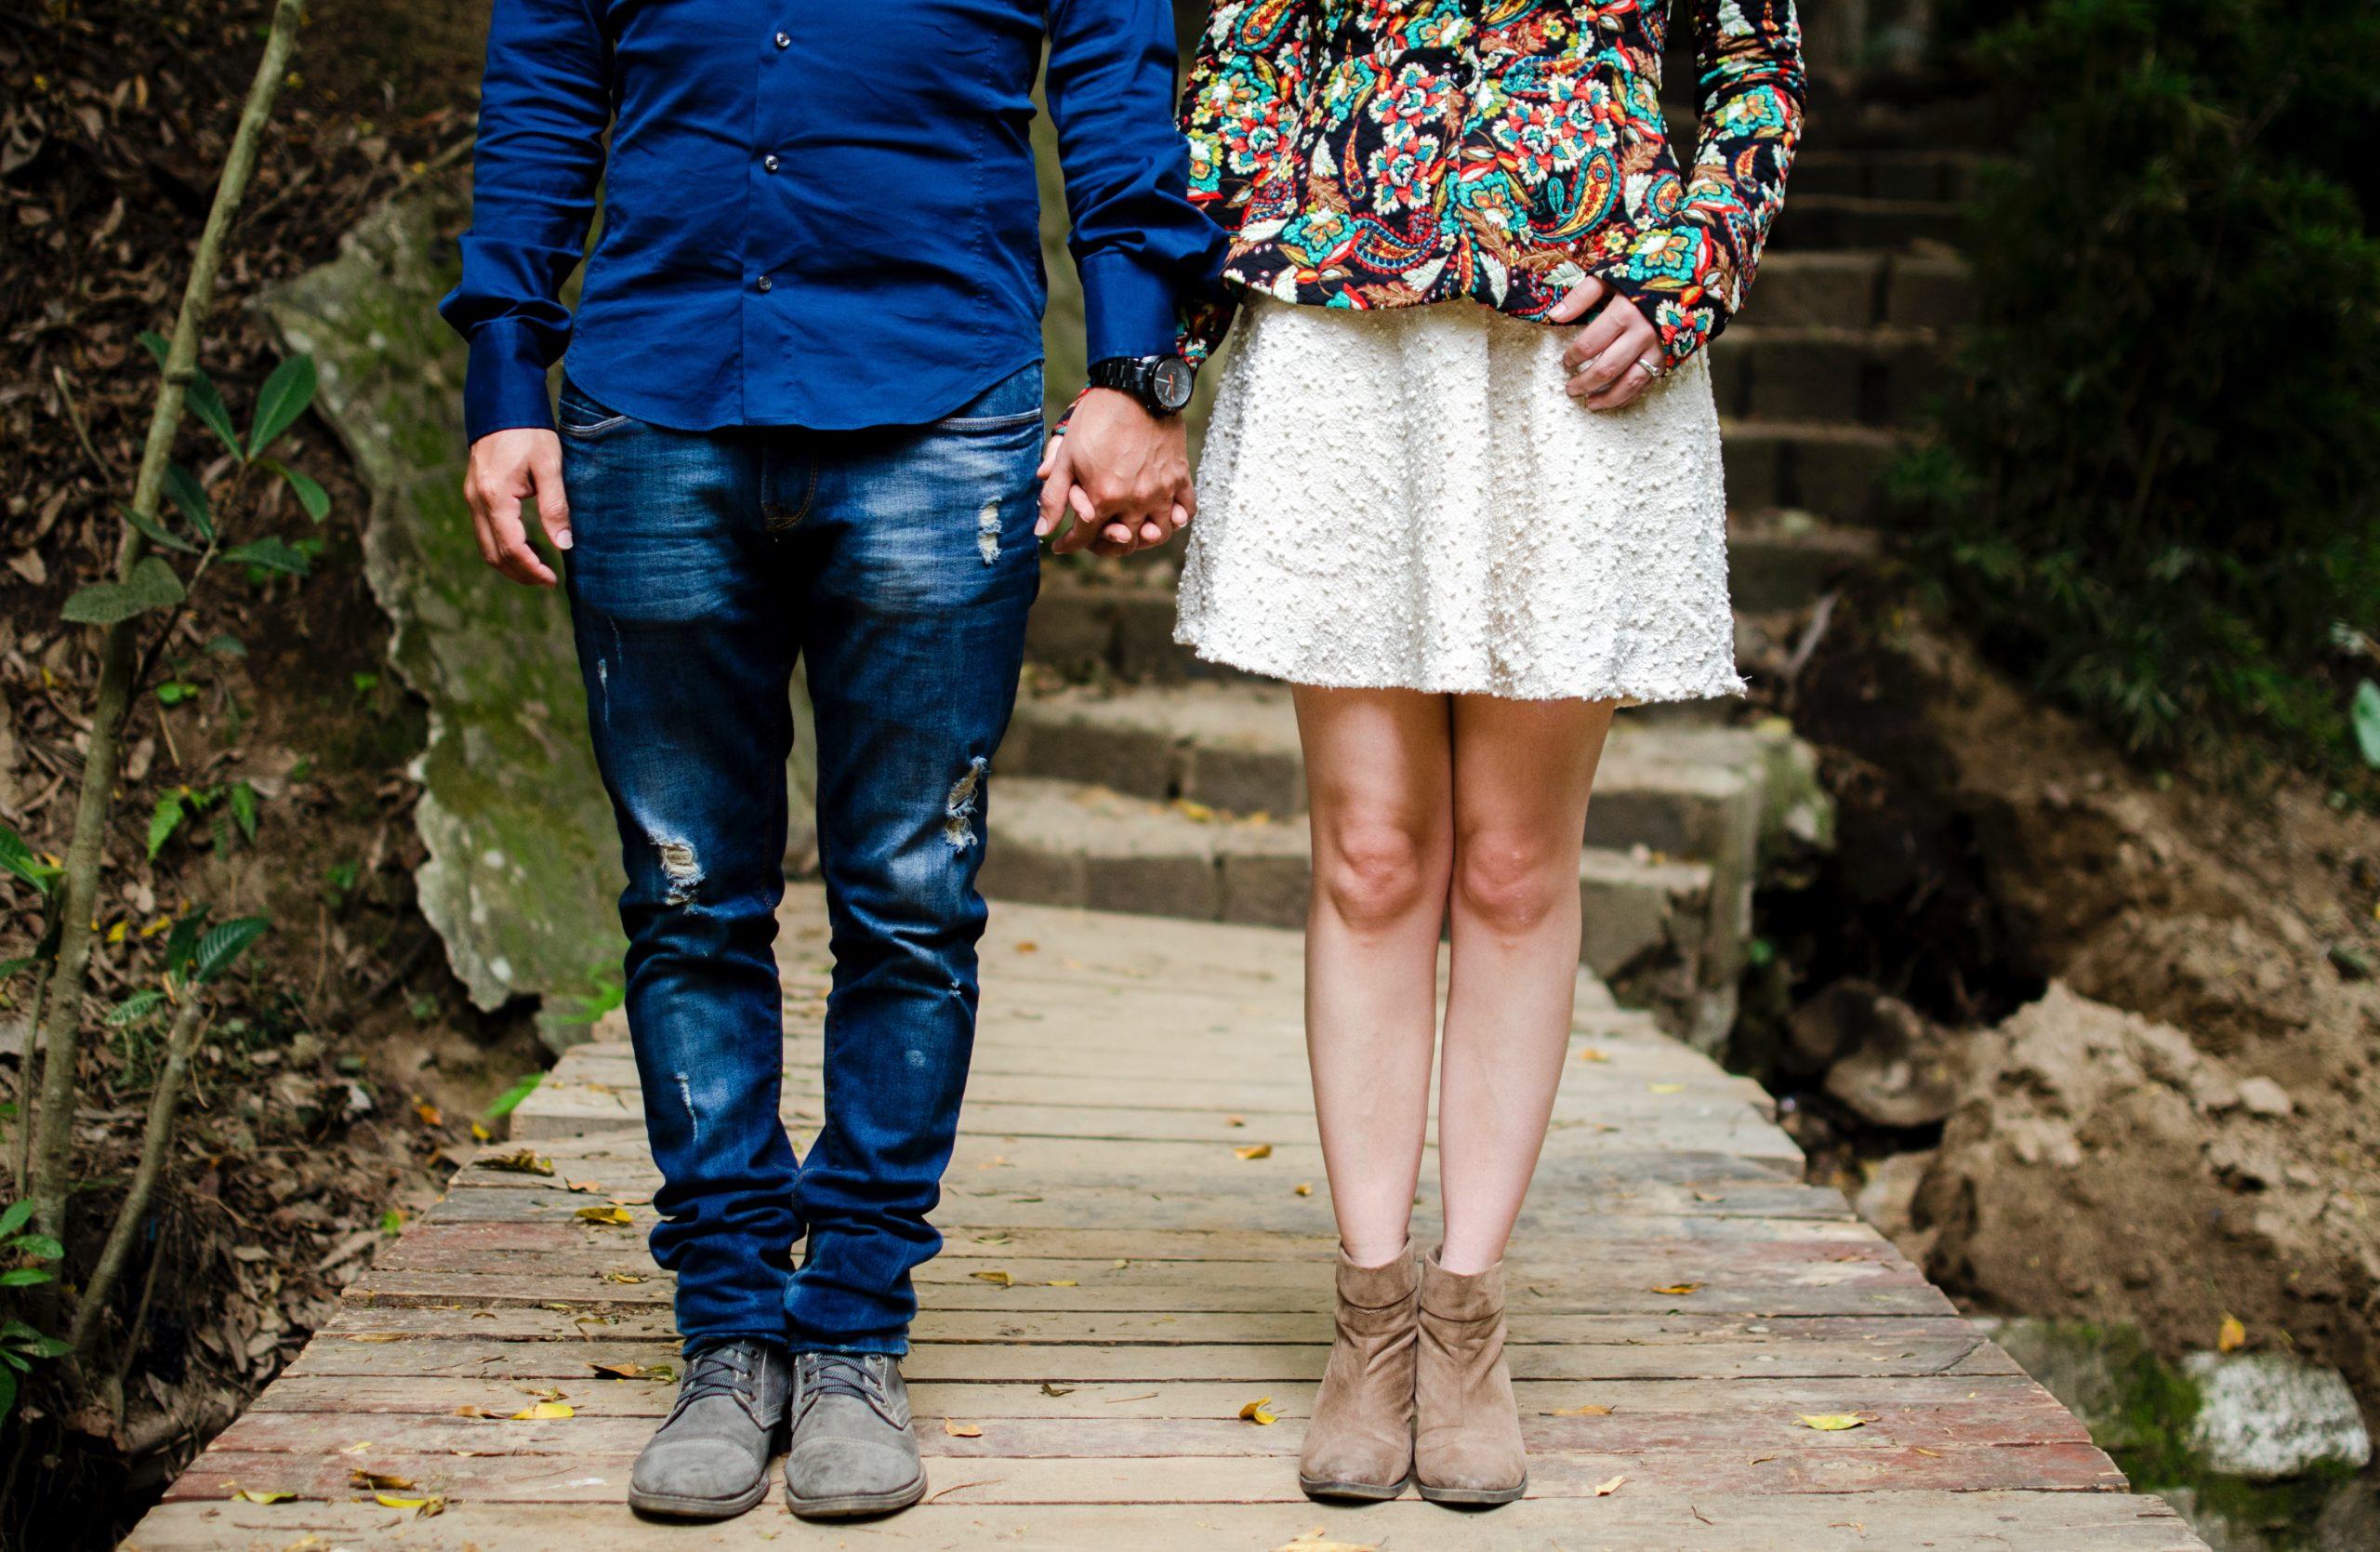 遊びと本気を使い分ける婚活|東京婚活ブログ